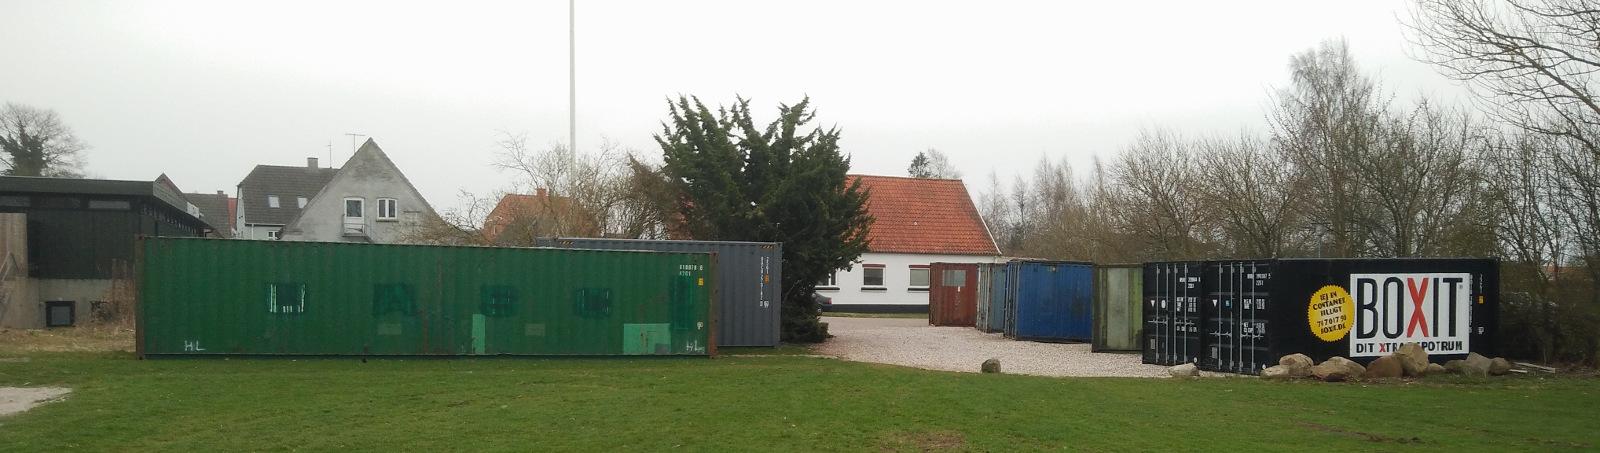 Containere opstillet ved Svømmebadet